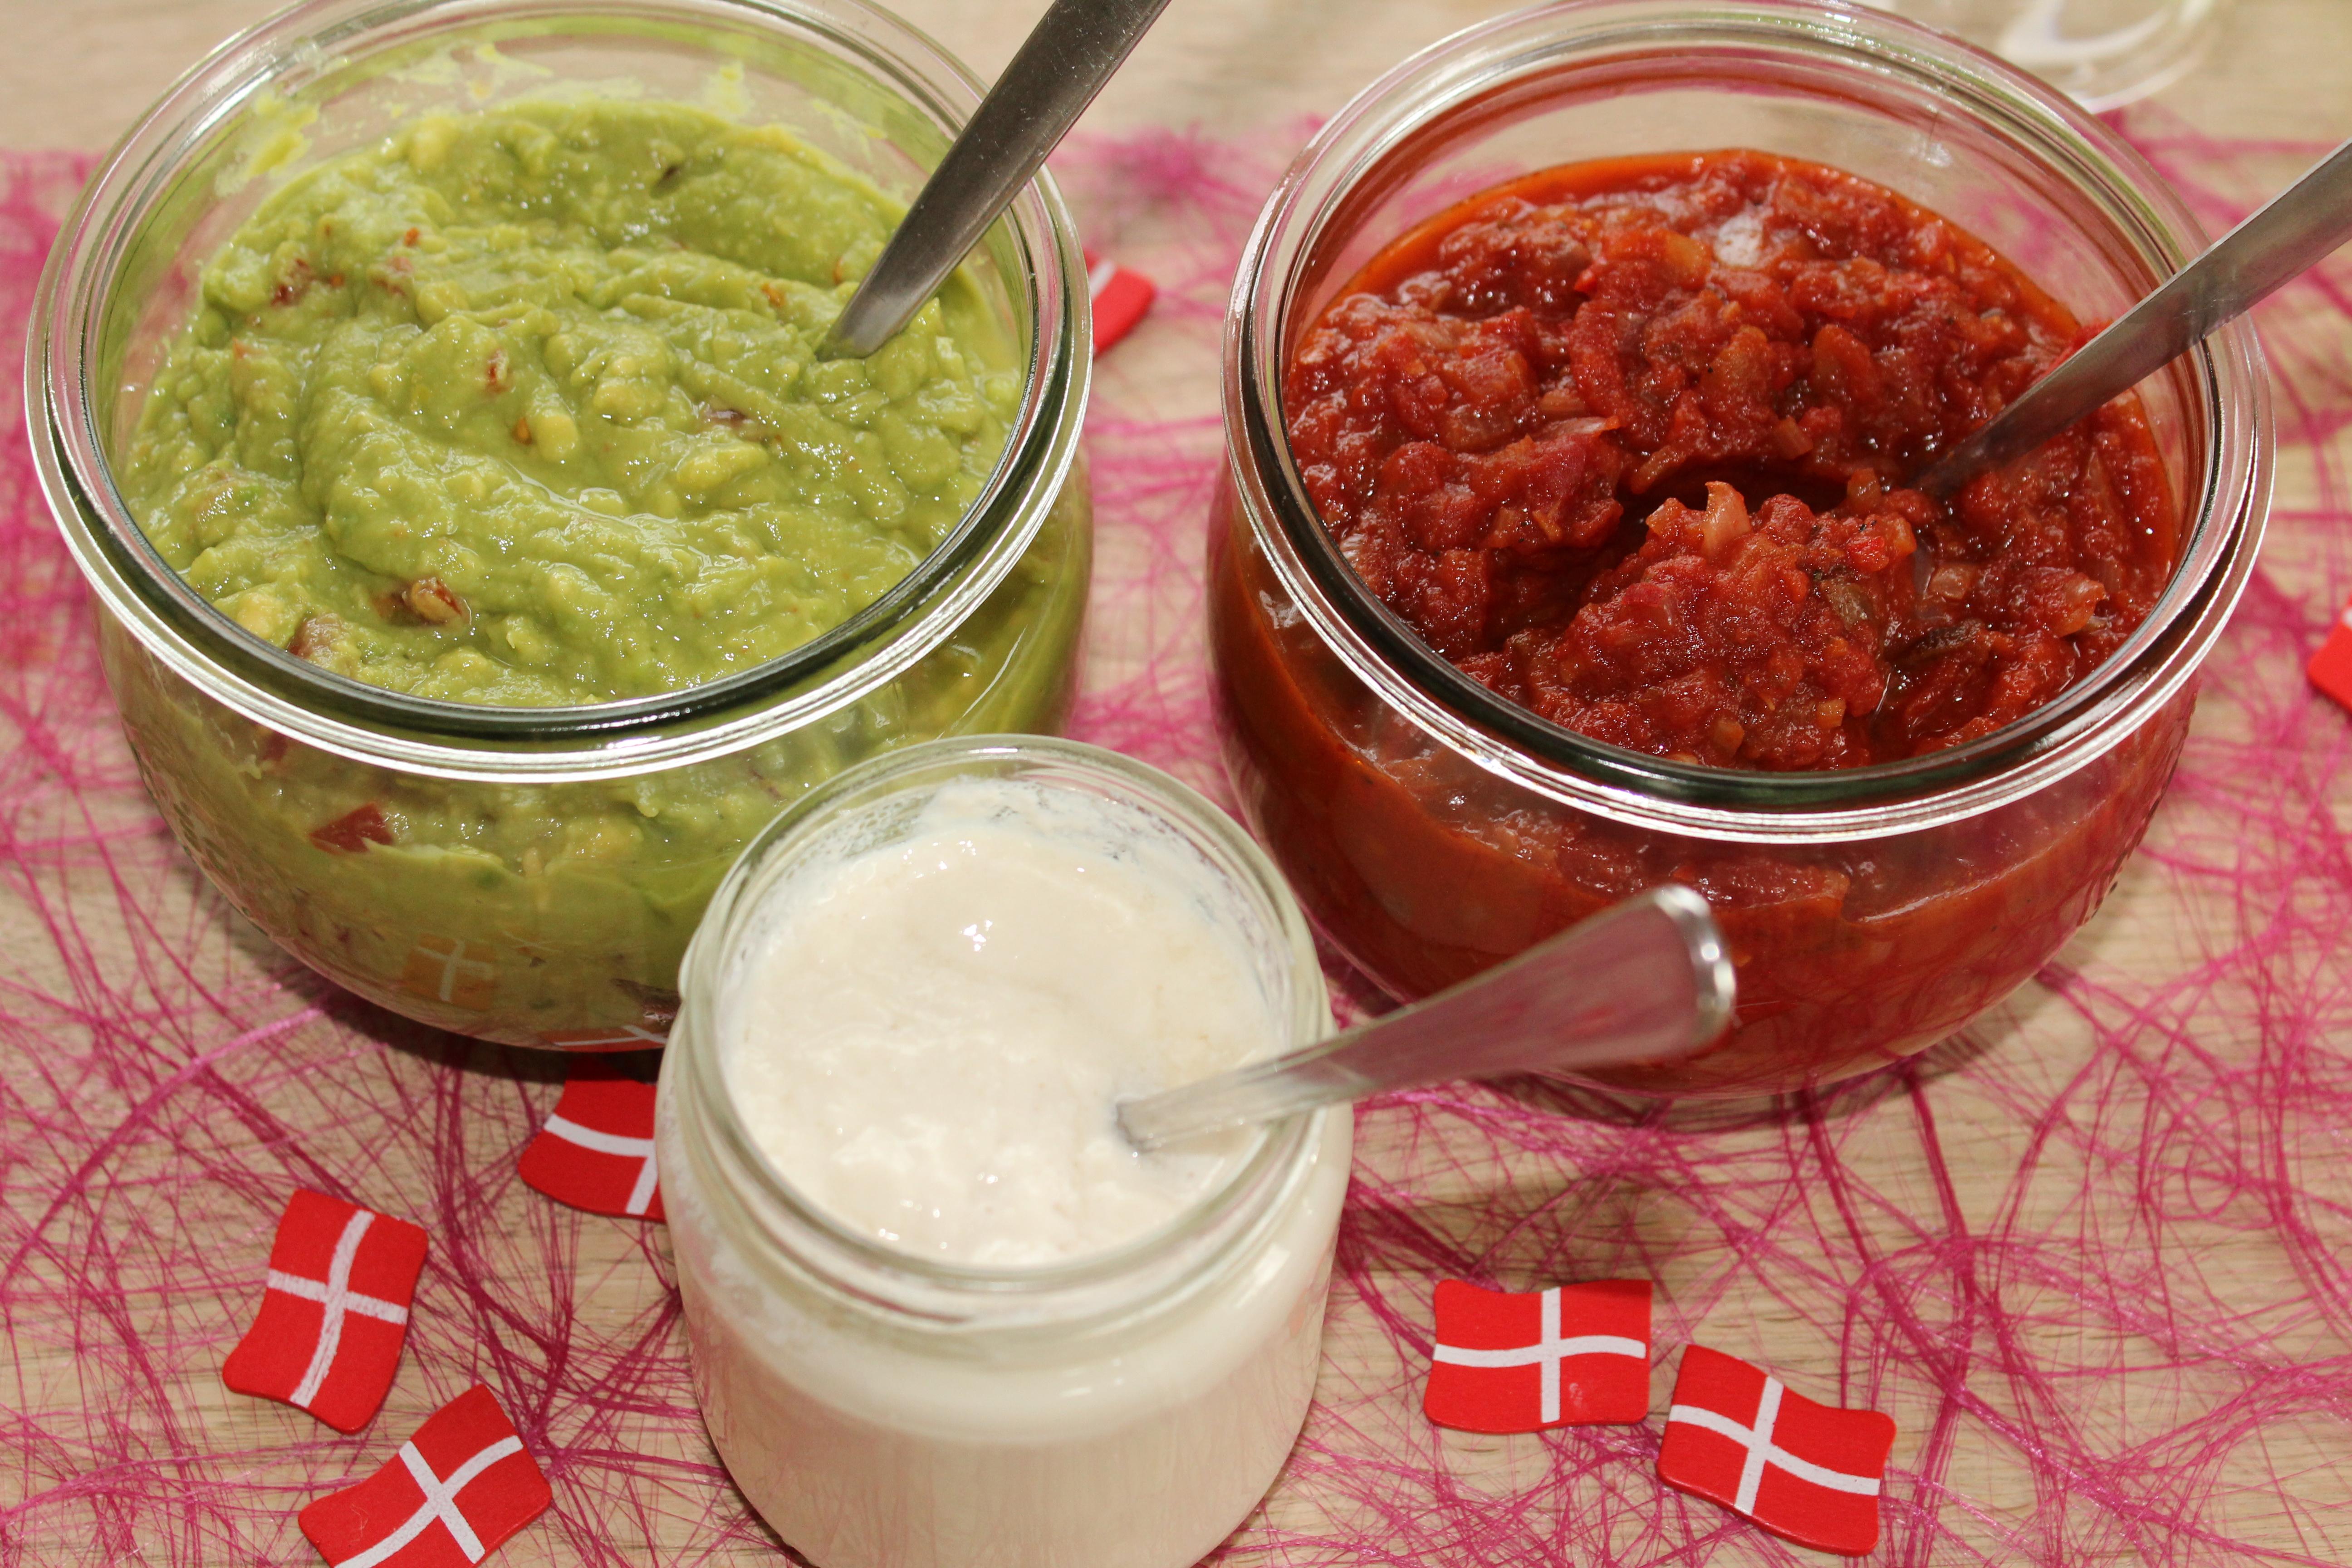 Tilbehør til nachos: Guacamole, tomatsalsa og sojayoghurt